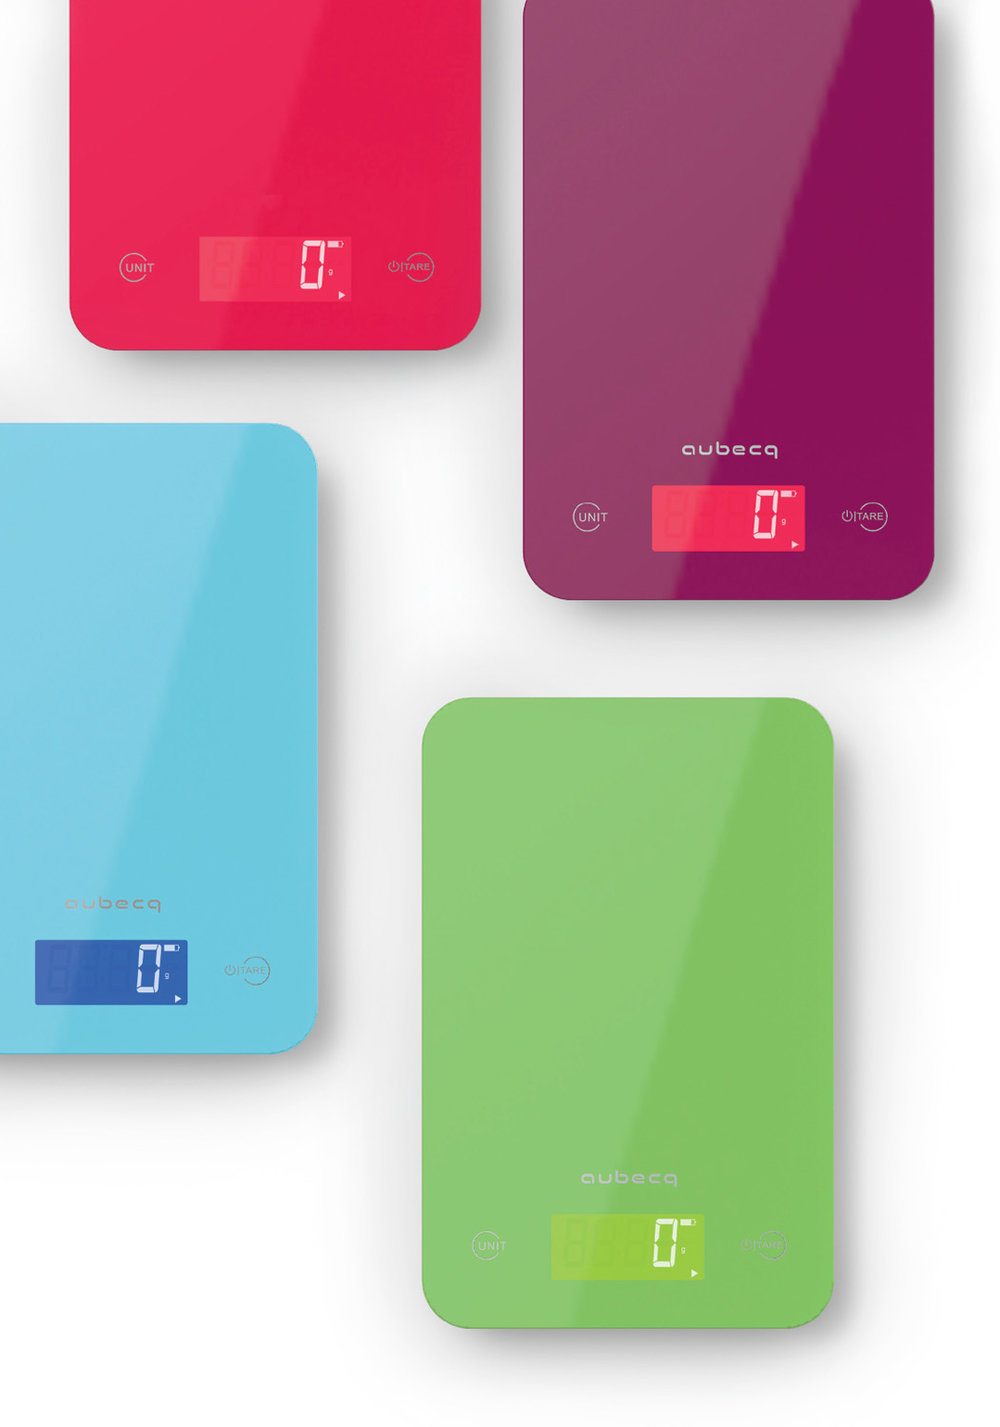 balances colors - • Pesée maximale 5 Kg• Précision 1 g• Aquatronique• Tare• Niveau de batterie• Piles incluses001007 Bleue 001008 Aubergine001009 Verte001010 Rouge